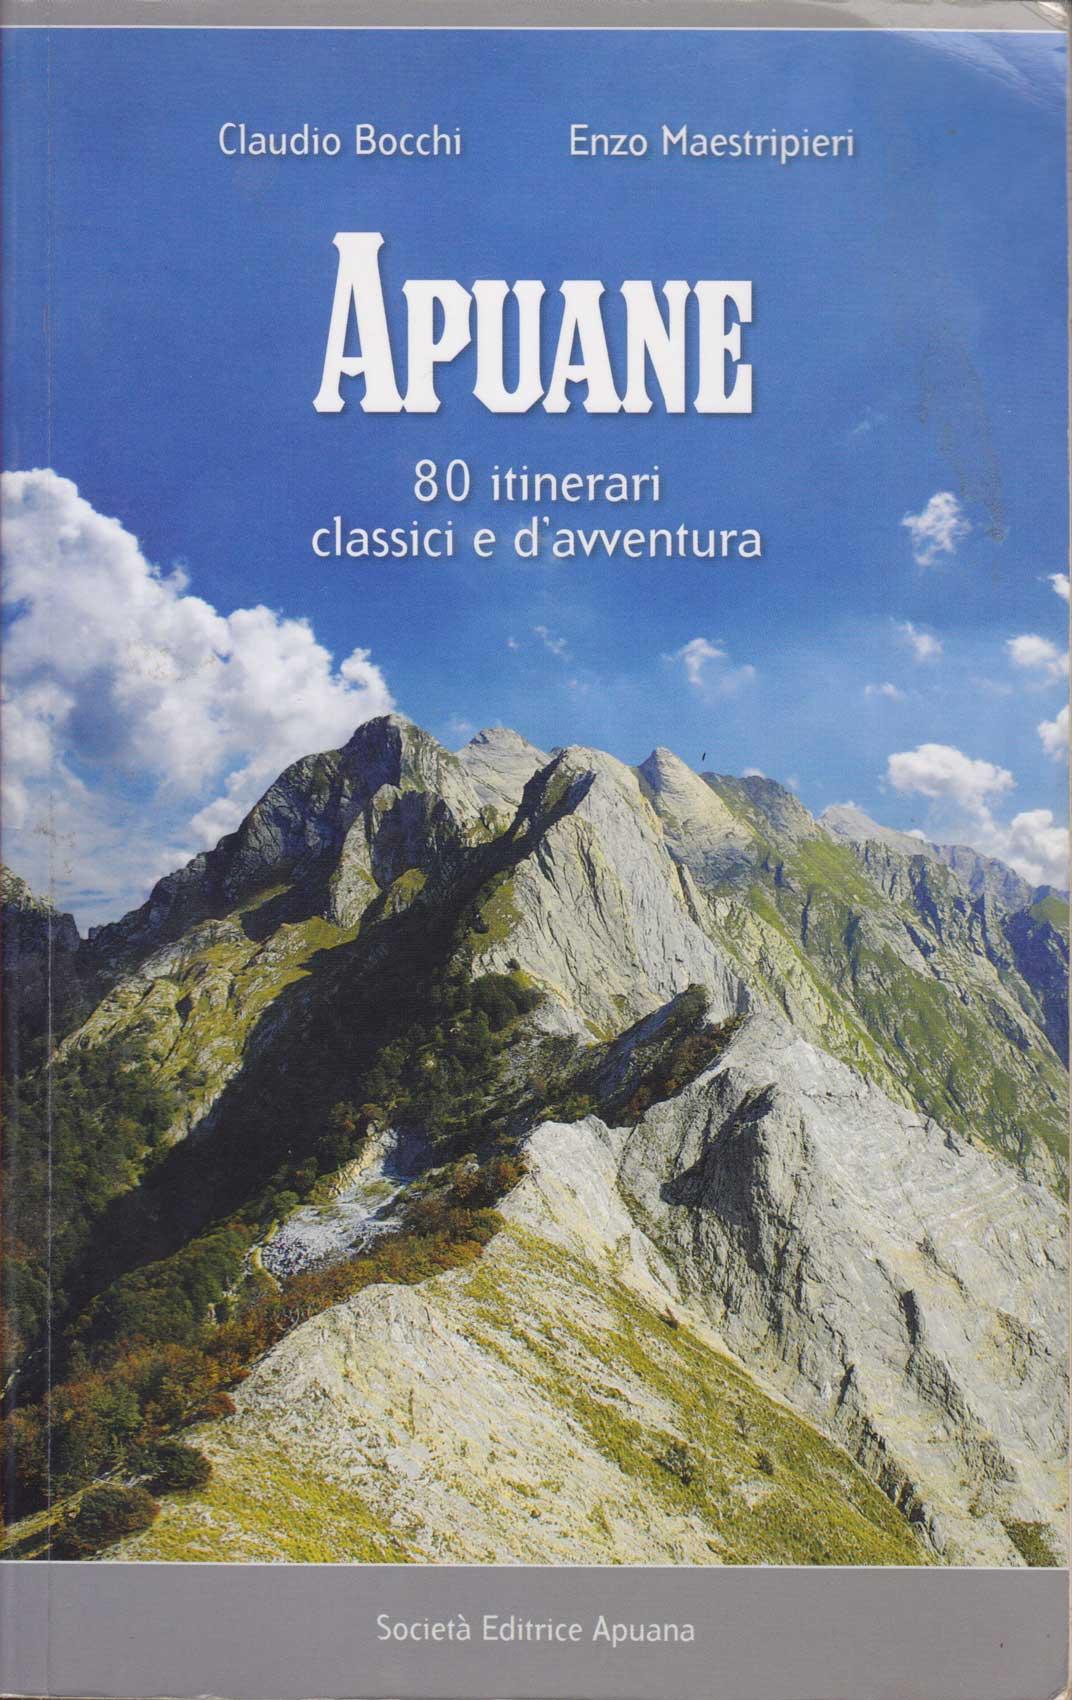 Apuane, 80 itinerari classici e d'avventura